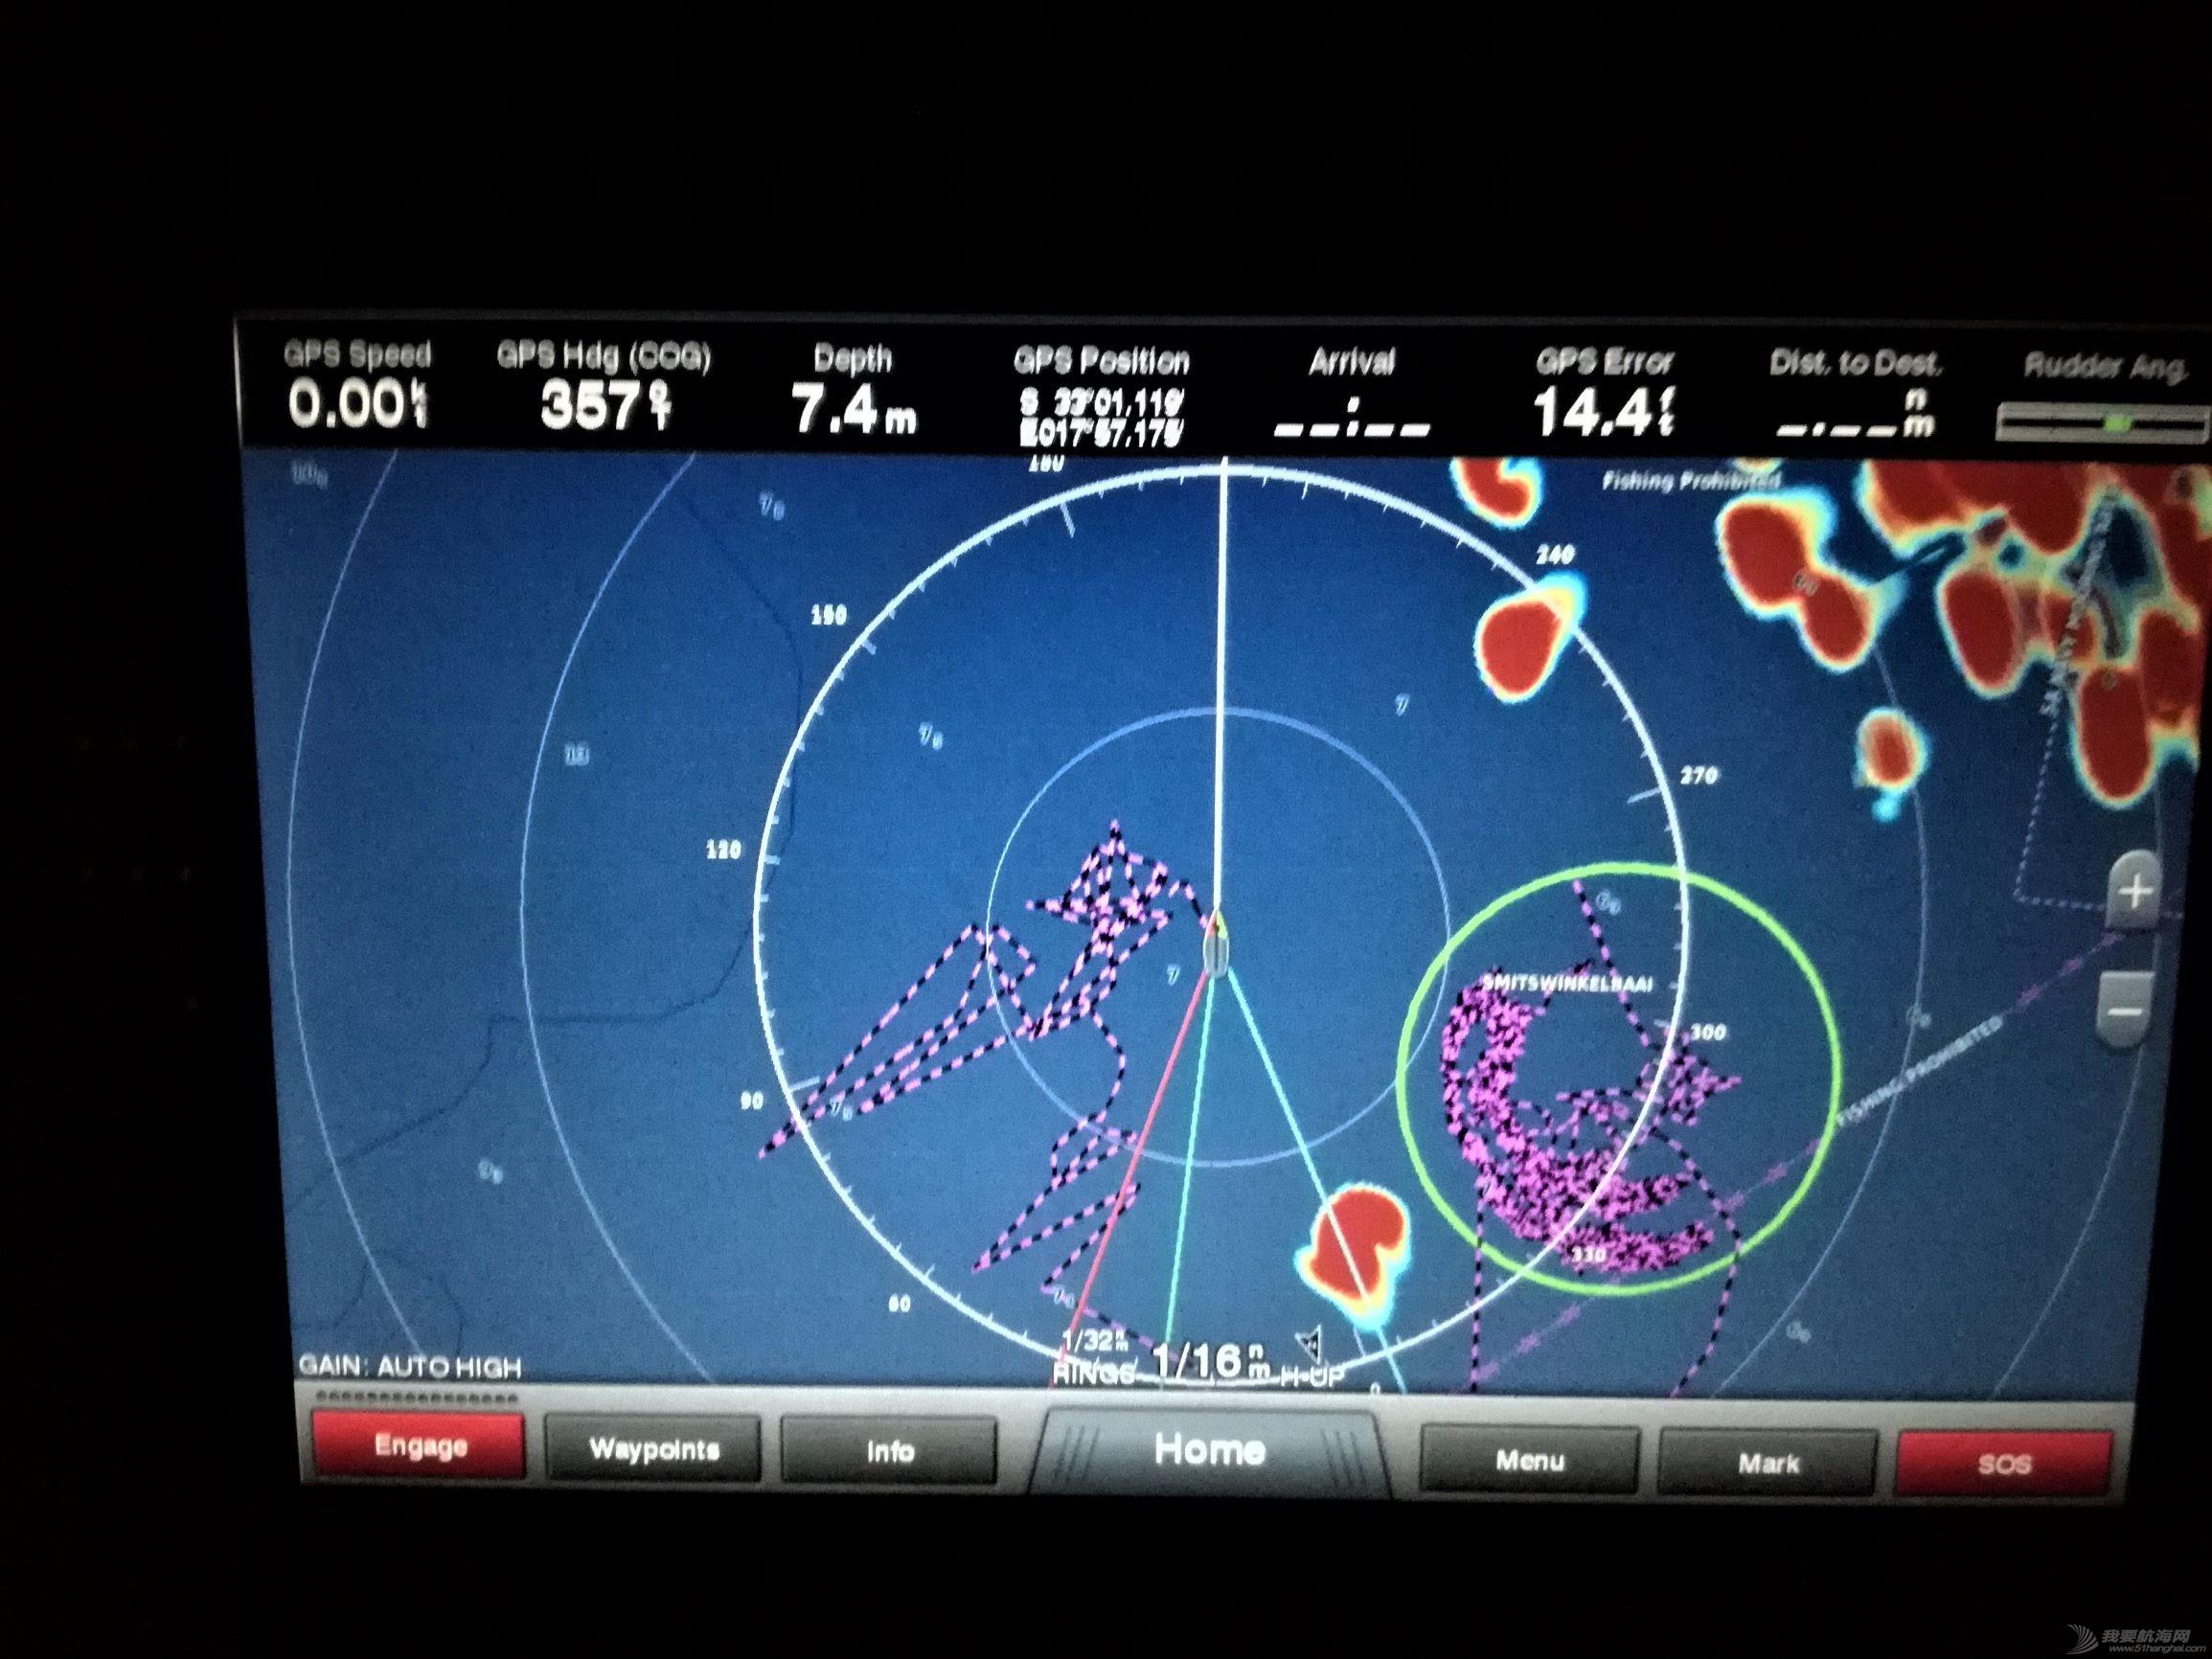 我们,帆船,俱乐部,南非,离开 ITHACA号航海 15 新年喜团聚,没有保险,也不能阻止向海洋出发  023511a9r2v9ove939yxyw